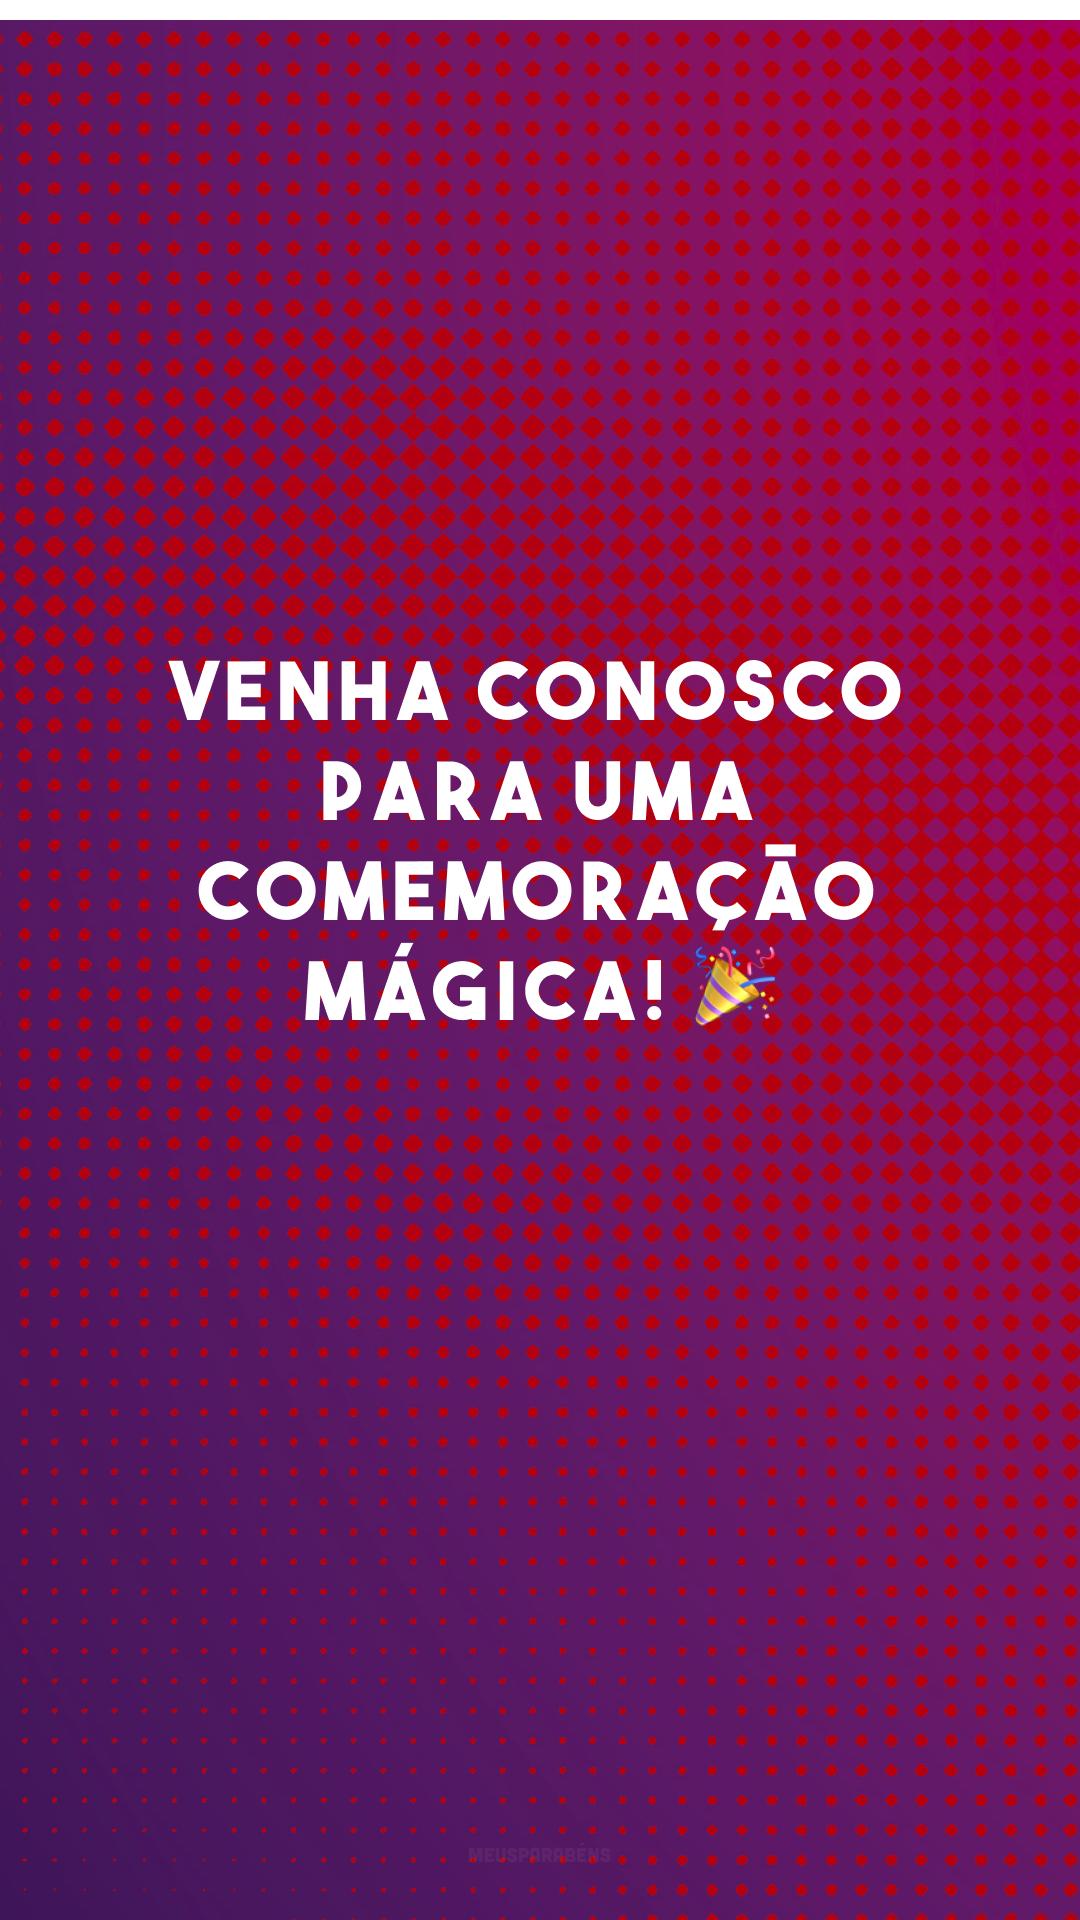 Venha conosco para uma comemoração mágica! 🎉